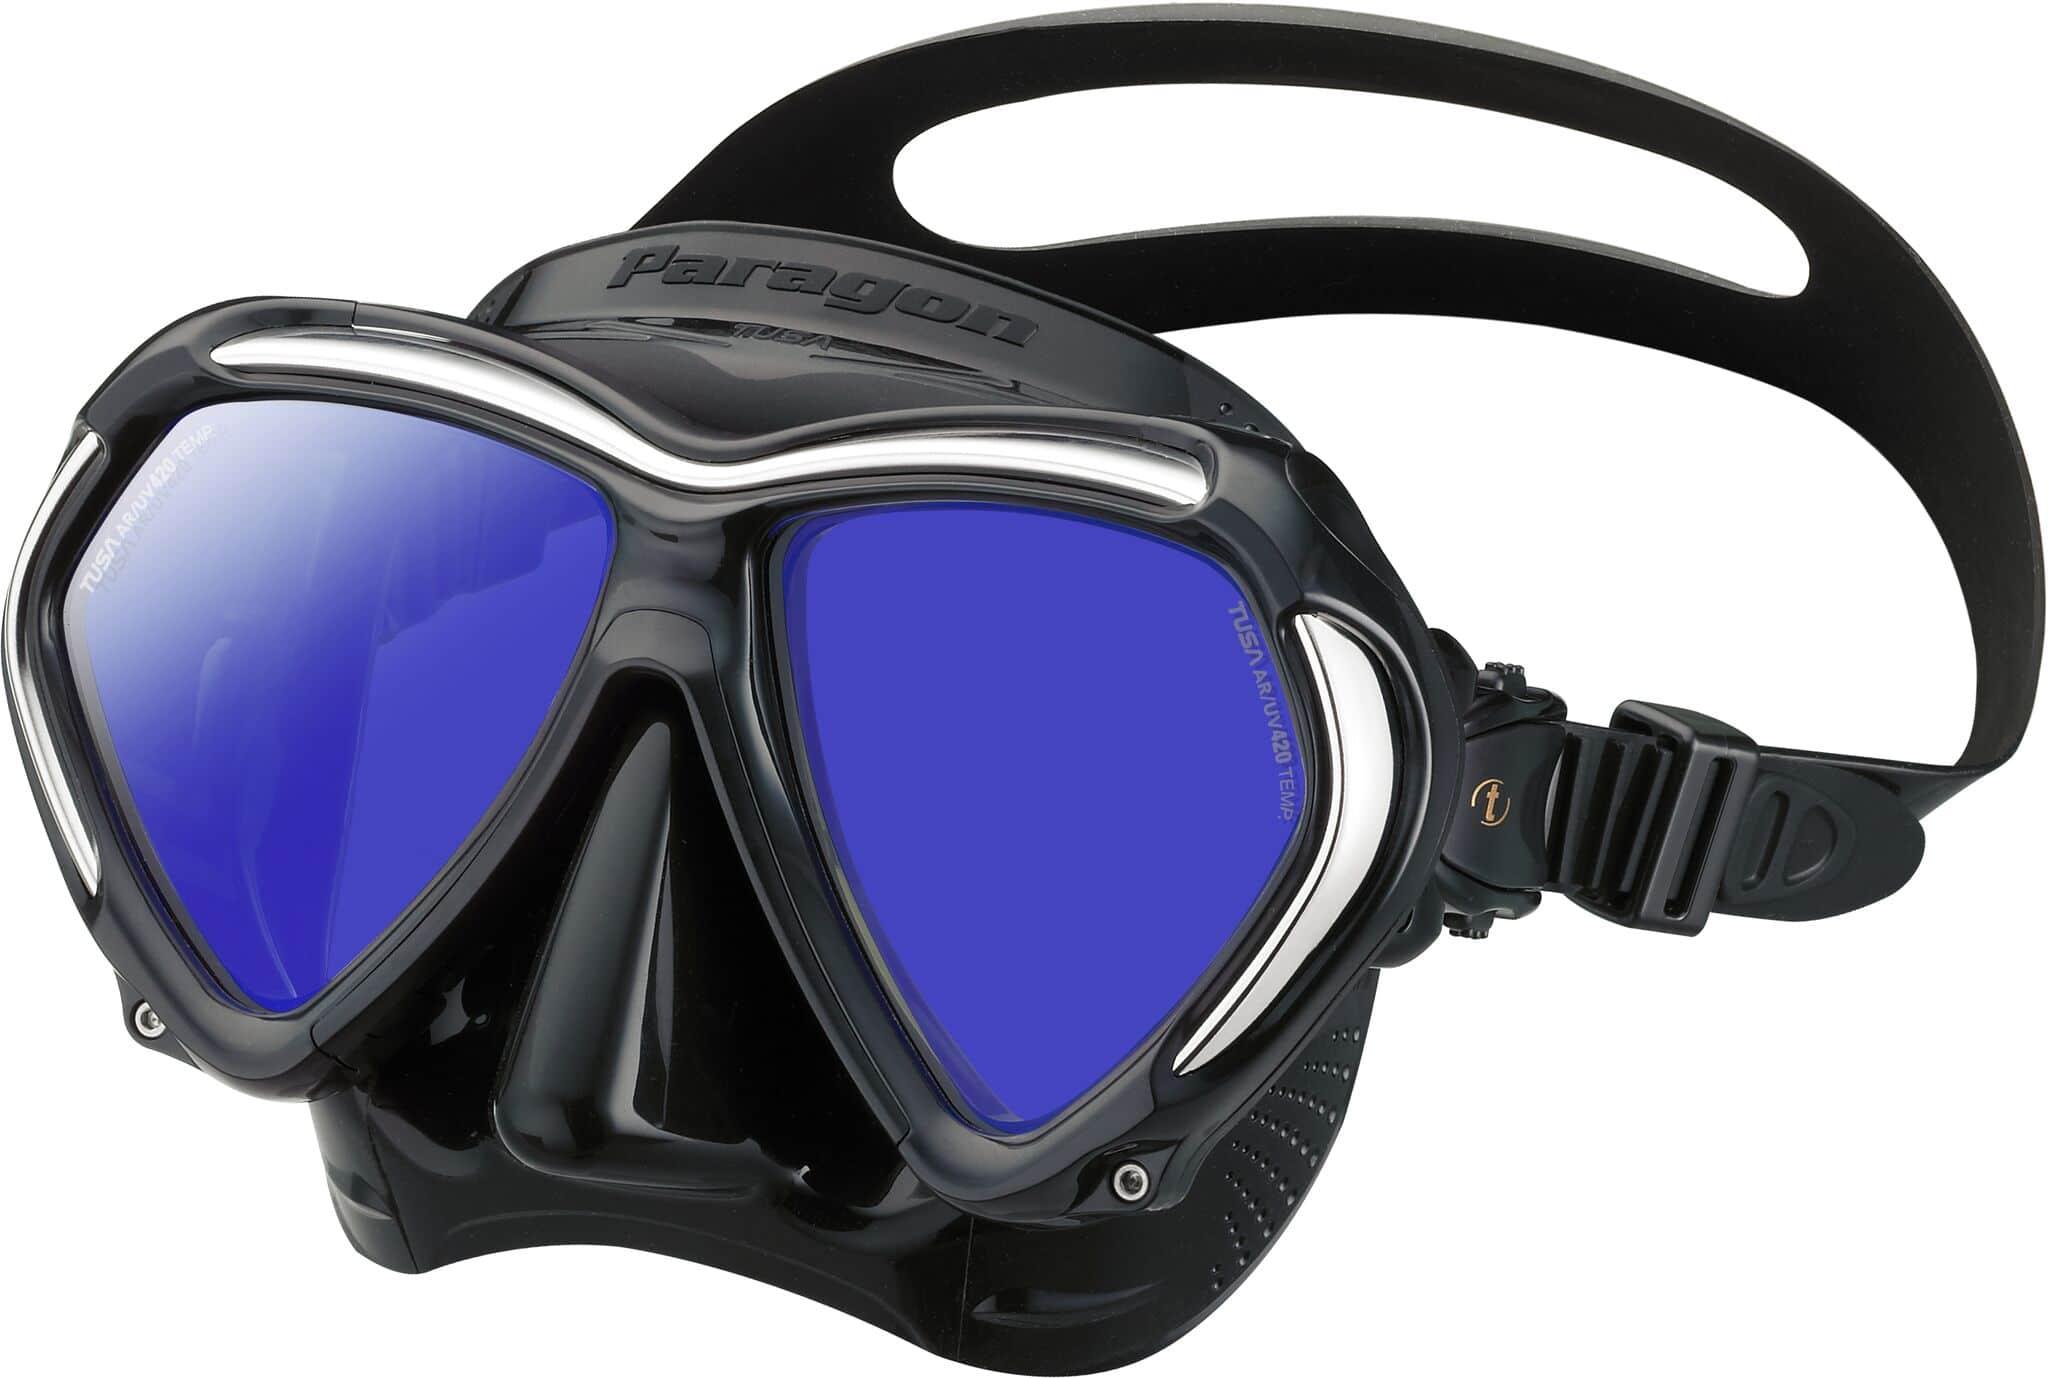 TUSA Unveils New Paragon Pro Diver's Mask